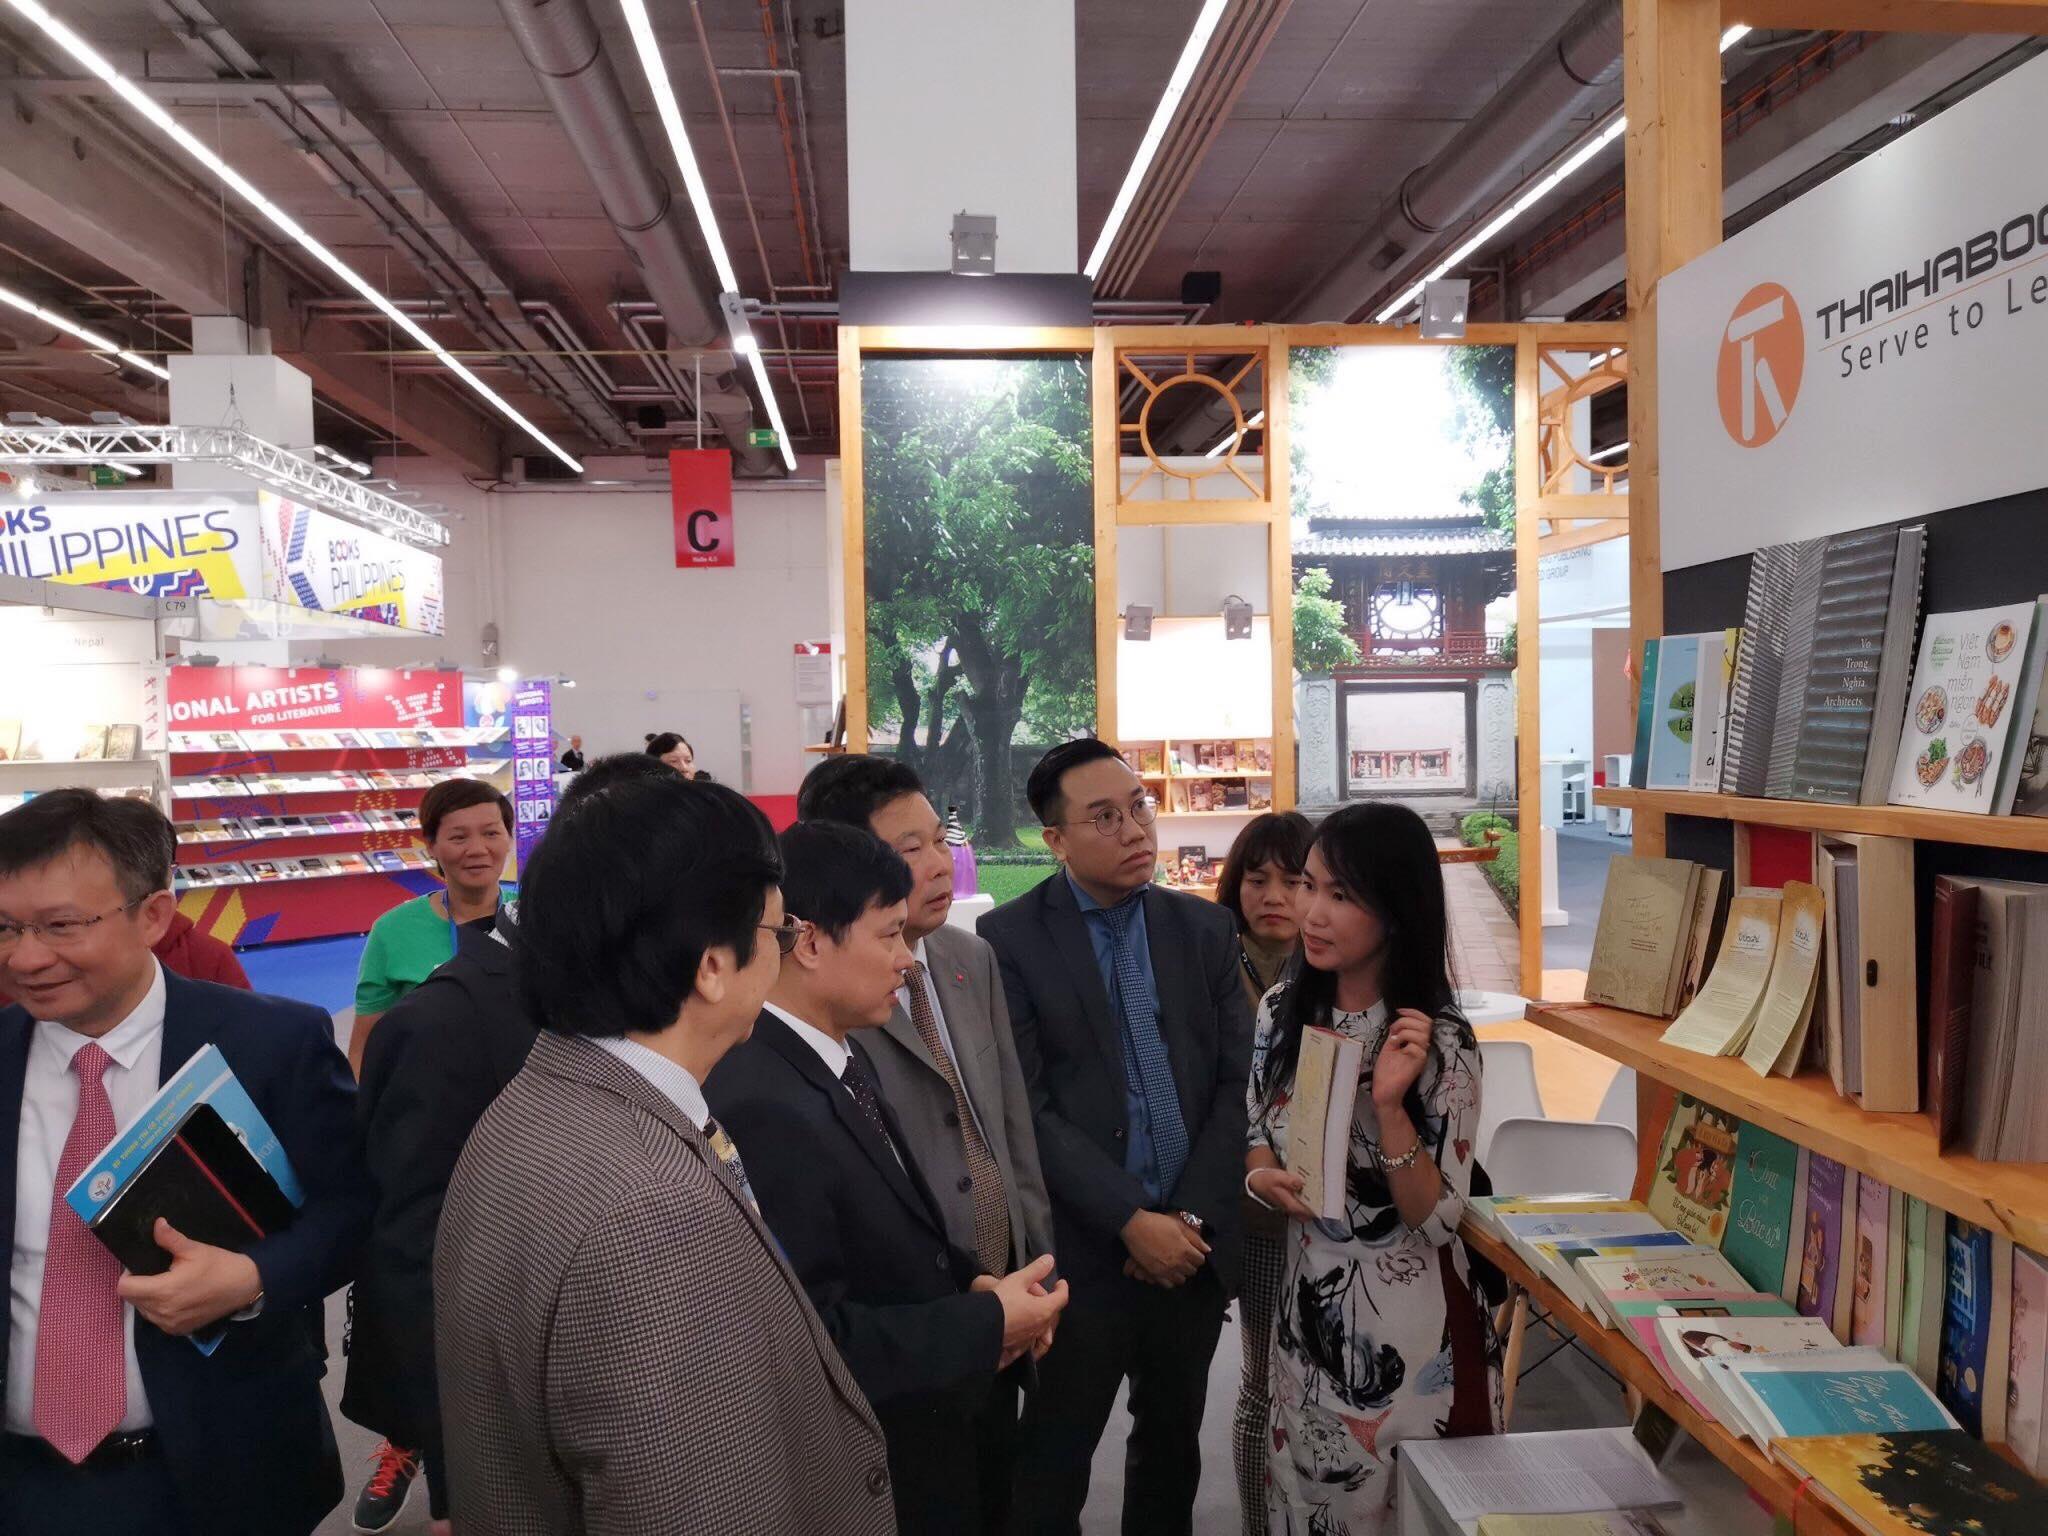 Khai mạc hội sách Frankfurt – ThaiHaBooks đón tiếp đoàn lãnh đạo Việt Nam và hướng dẫn bạn đọc quốc tế làm tranh dân gian Đông Hồ